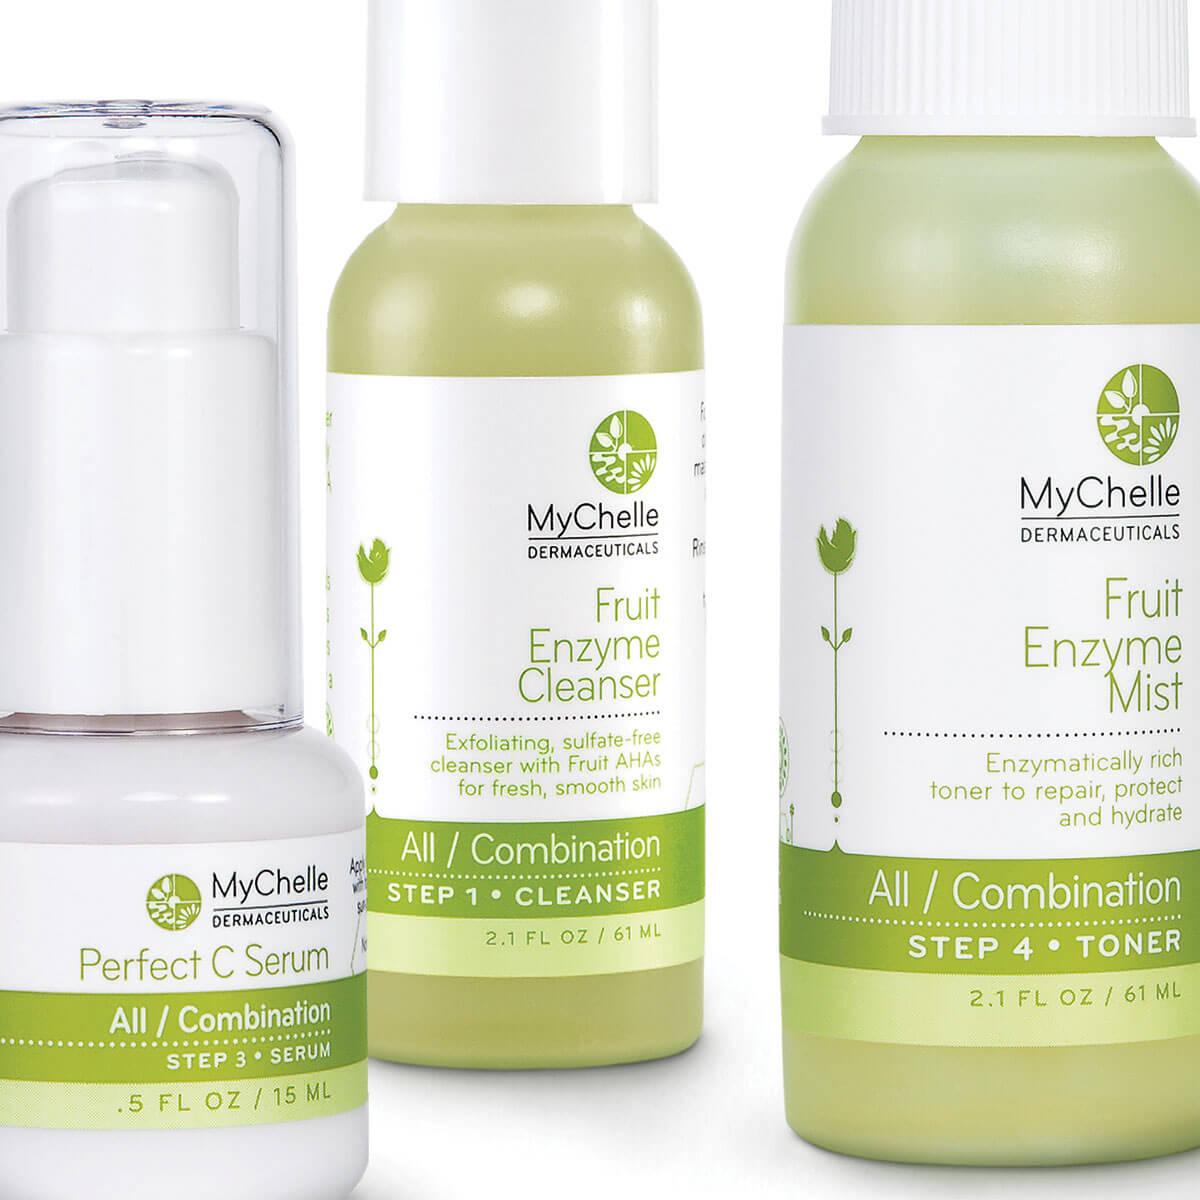 Skin Care Branding & Packaging Hero Image